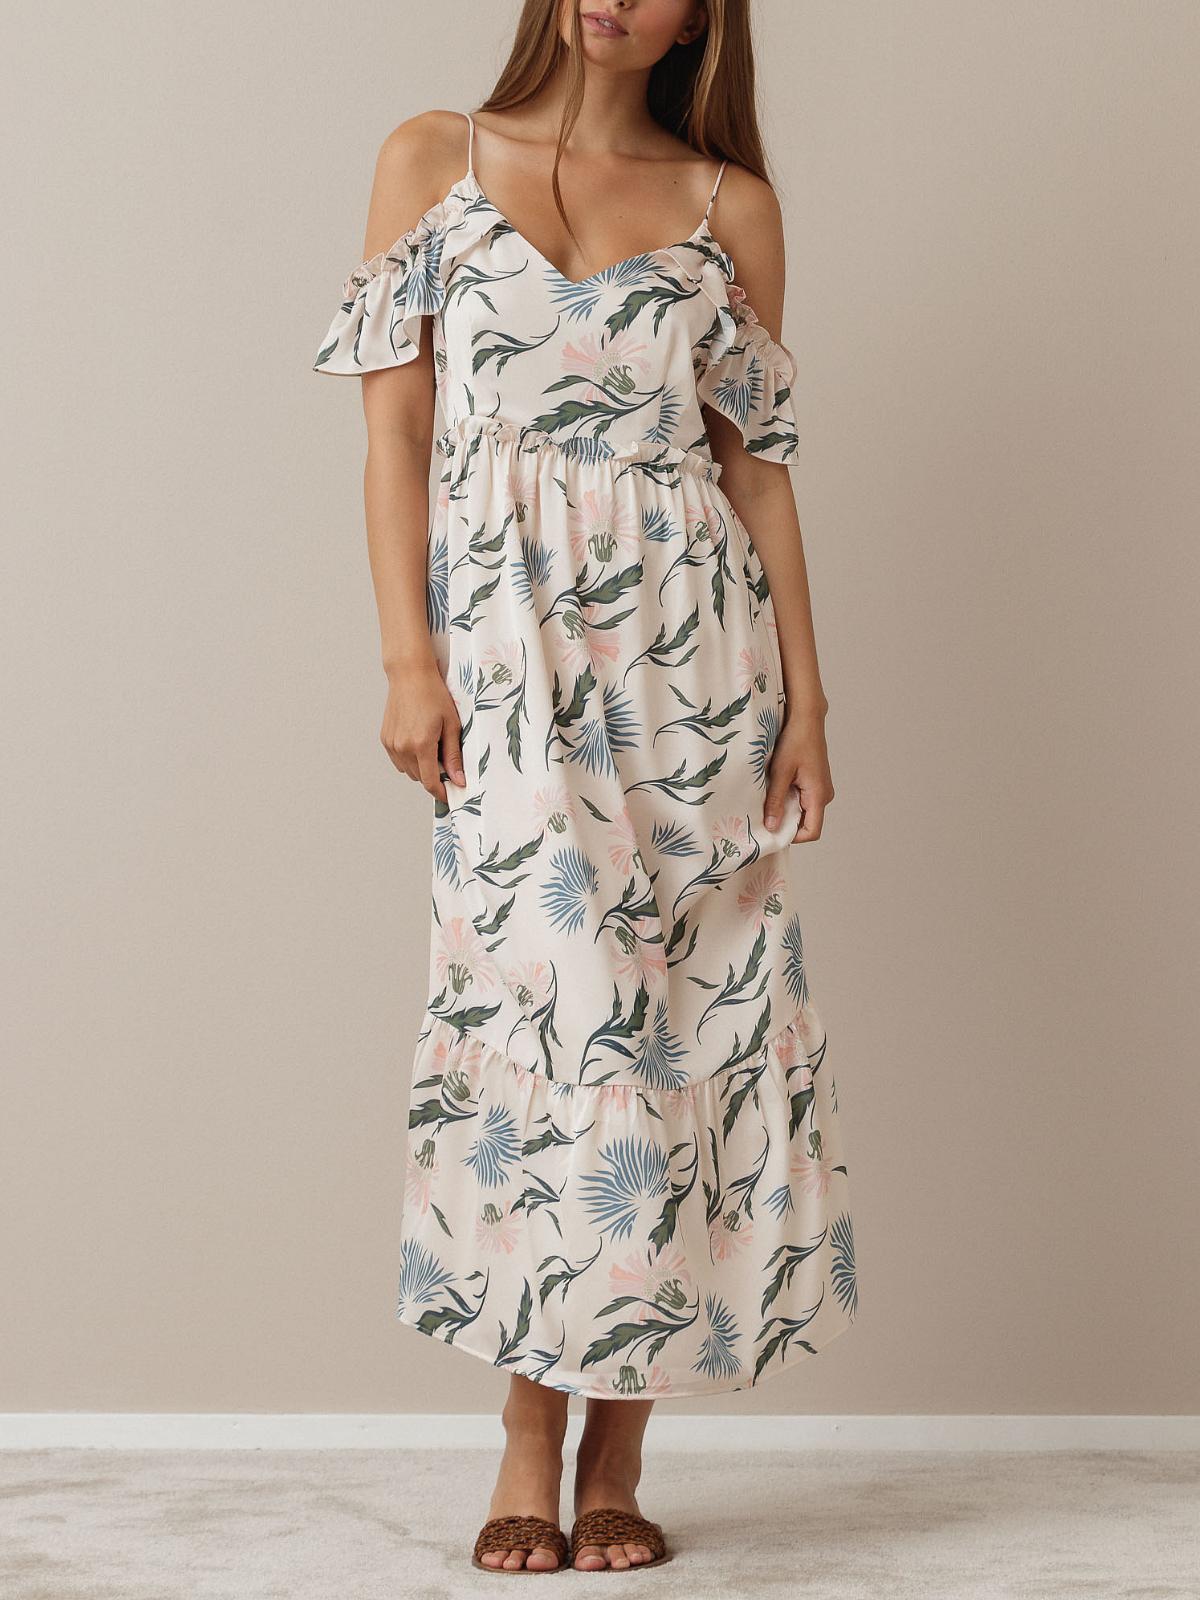 Maui Dress Creme Jungle Print